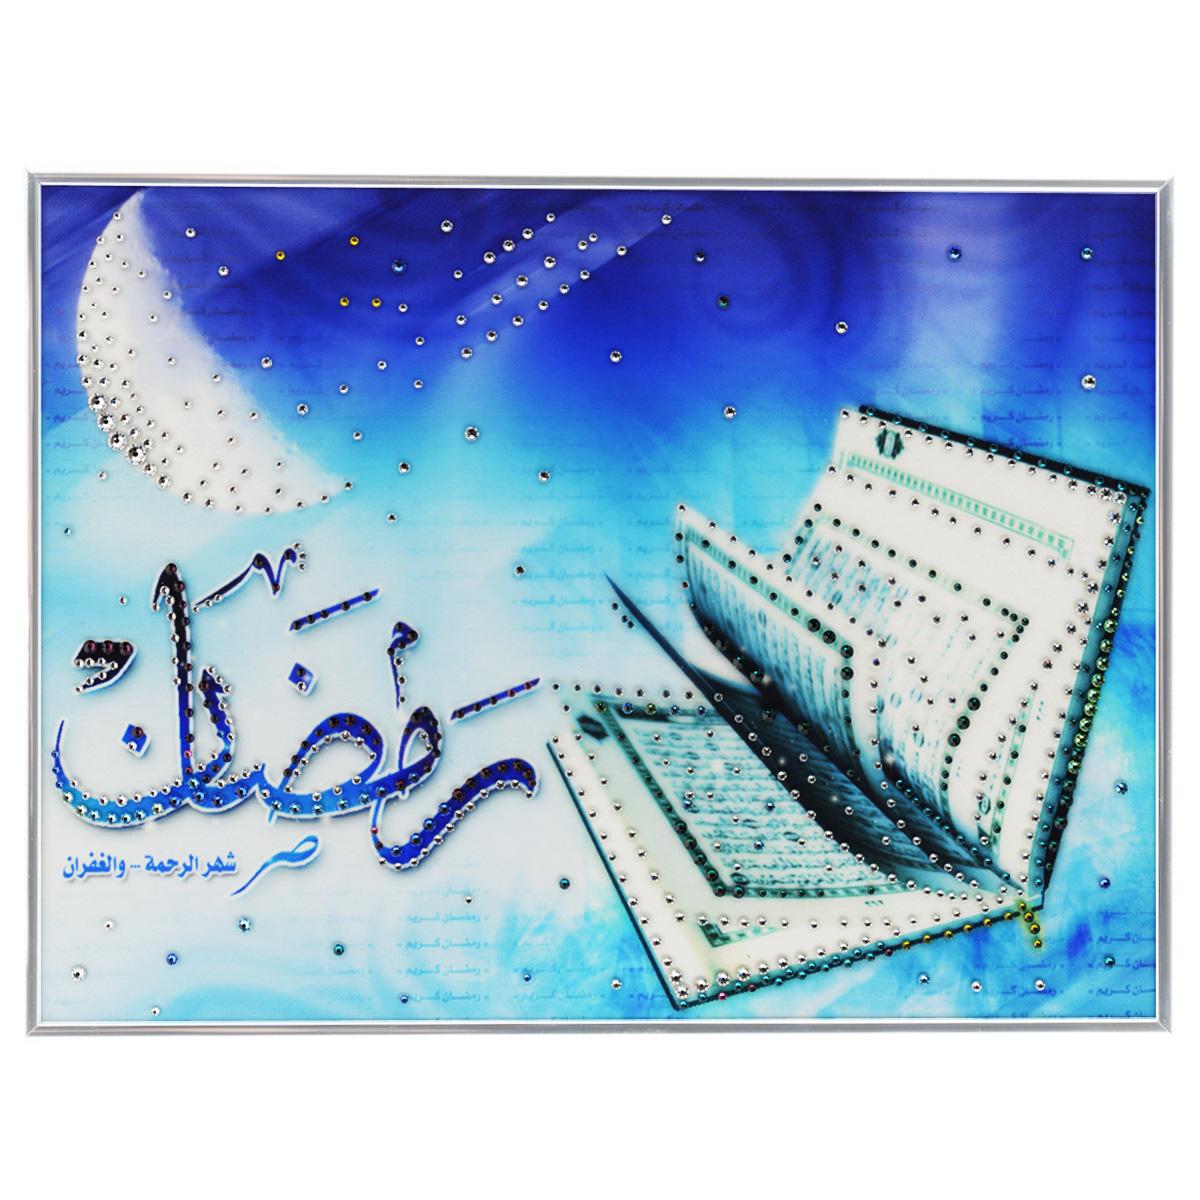 Картина с кристаллами Swarovski Изумрудный коран, 40 х 30 см1160Изящная картина в металлической раме, инкрустирована кристаллами Swarovski, которые отличаются четкой и ровной огранкой, ярким блеском и чистотой цвета. Красочное изображение изумрудной книги - Коран, расположенное под стеклом, прекрасно дополняет блеск кристаллов. С обратной стороны имеется металлическая петелька для размещения картины на стене. Картина с кристаллами Swarovski Изумрудный Коран элегантно украсит интерьер дома или офиса, а также станет прекрасным подарком, который обязательно понравится получателю. Блеск кристаллов в интерьере, что может быть сказочнее и удивительнее. Картина упакована в подарочную картонную коробку синего цвета и комплектуется сертификатом соответствия Swarovski.